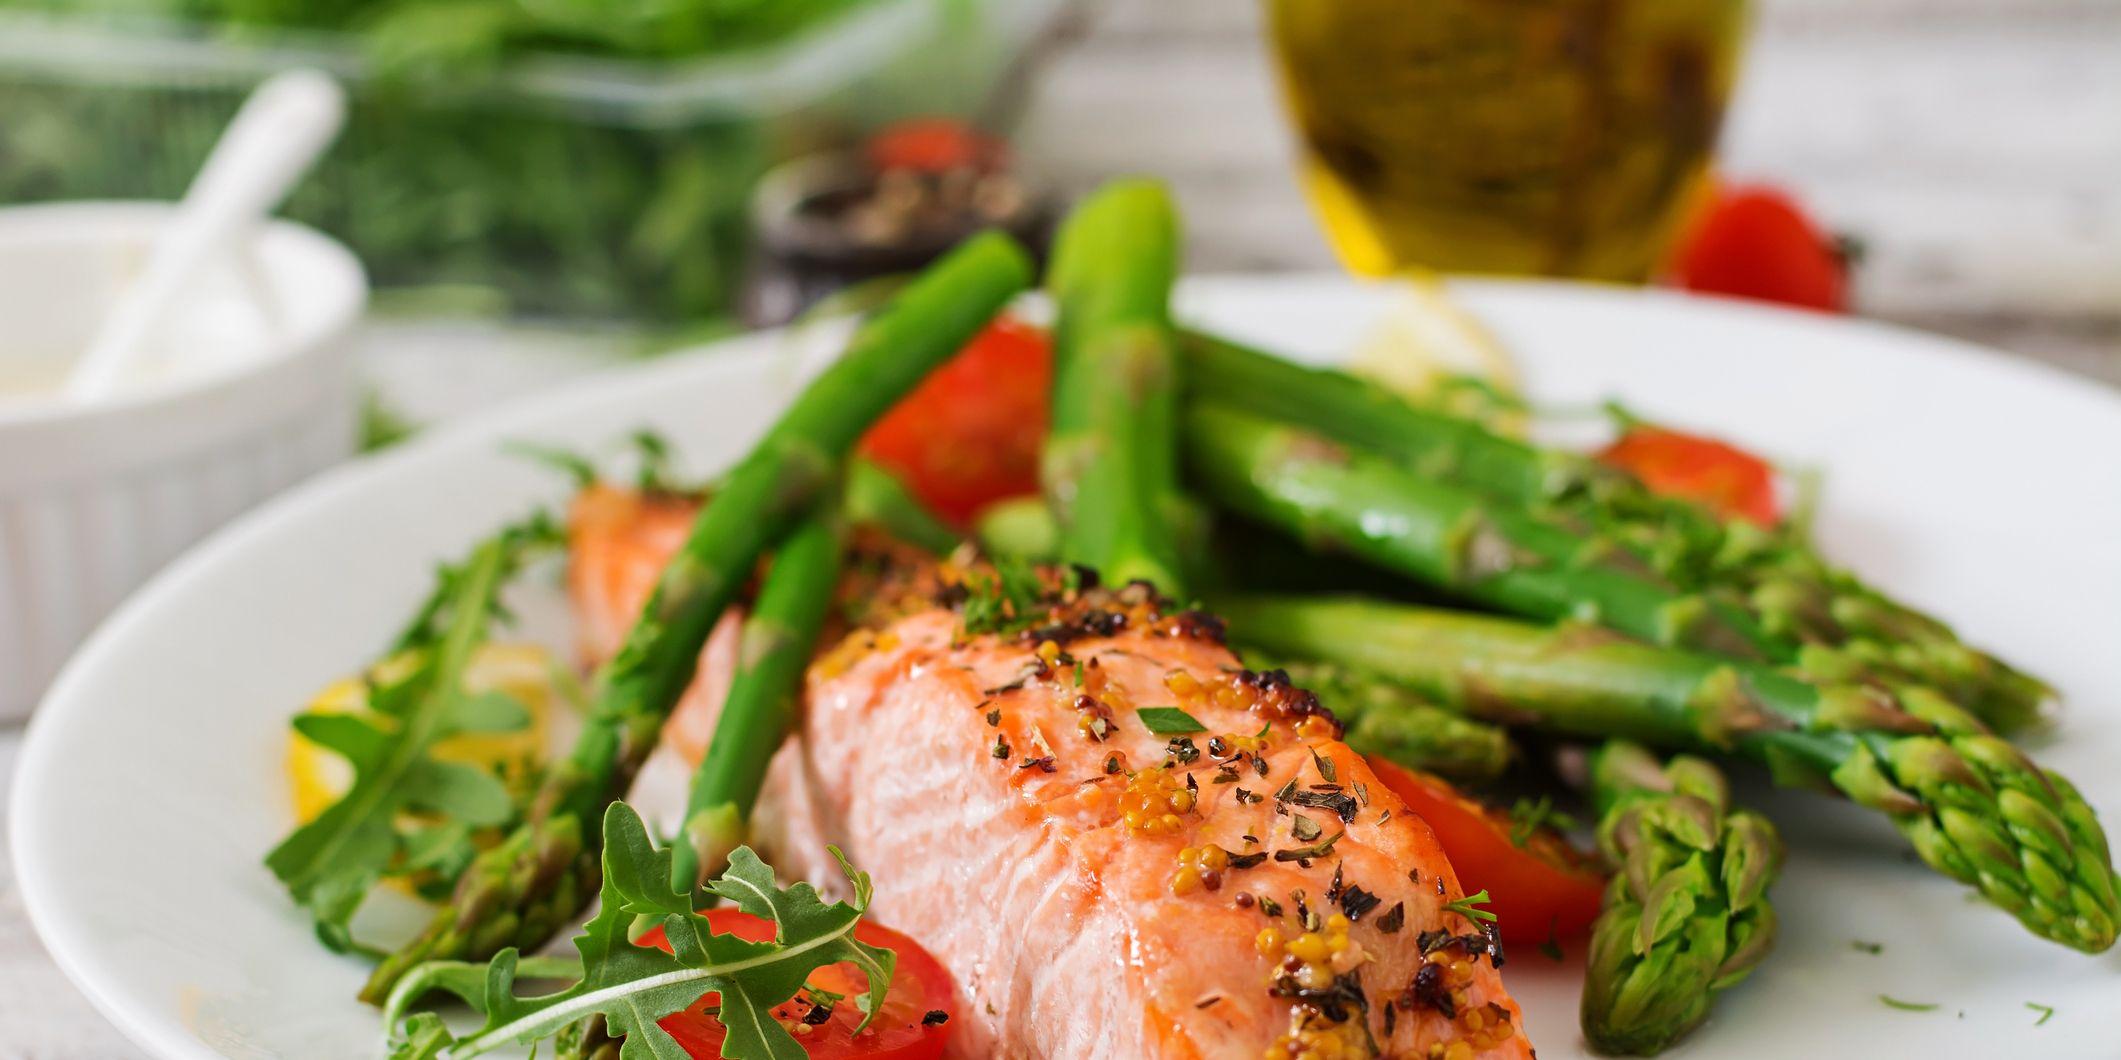 salmon dinner macros diet